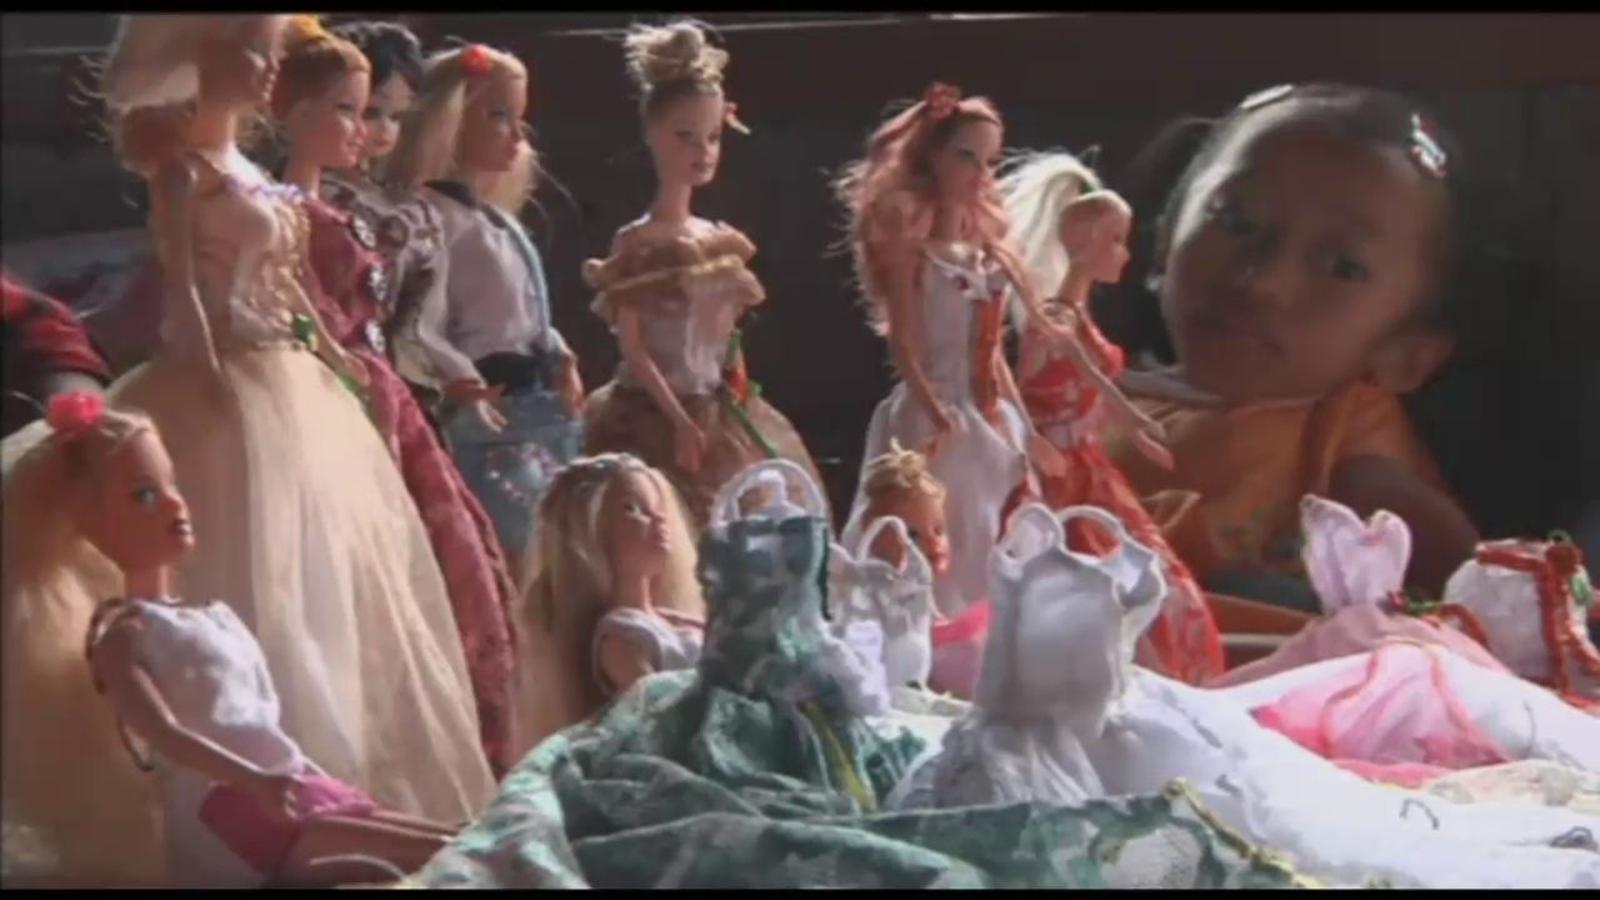 Dues germanes balineses dissenyen roba per a nines Barbie perquè els van prohibir anar a l'escola per una malaltia